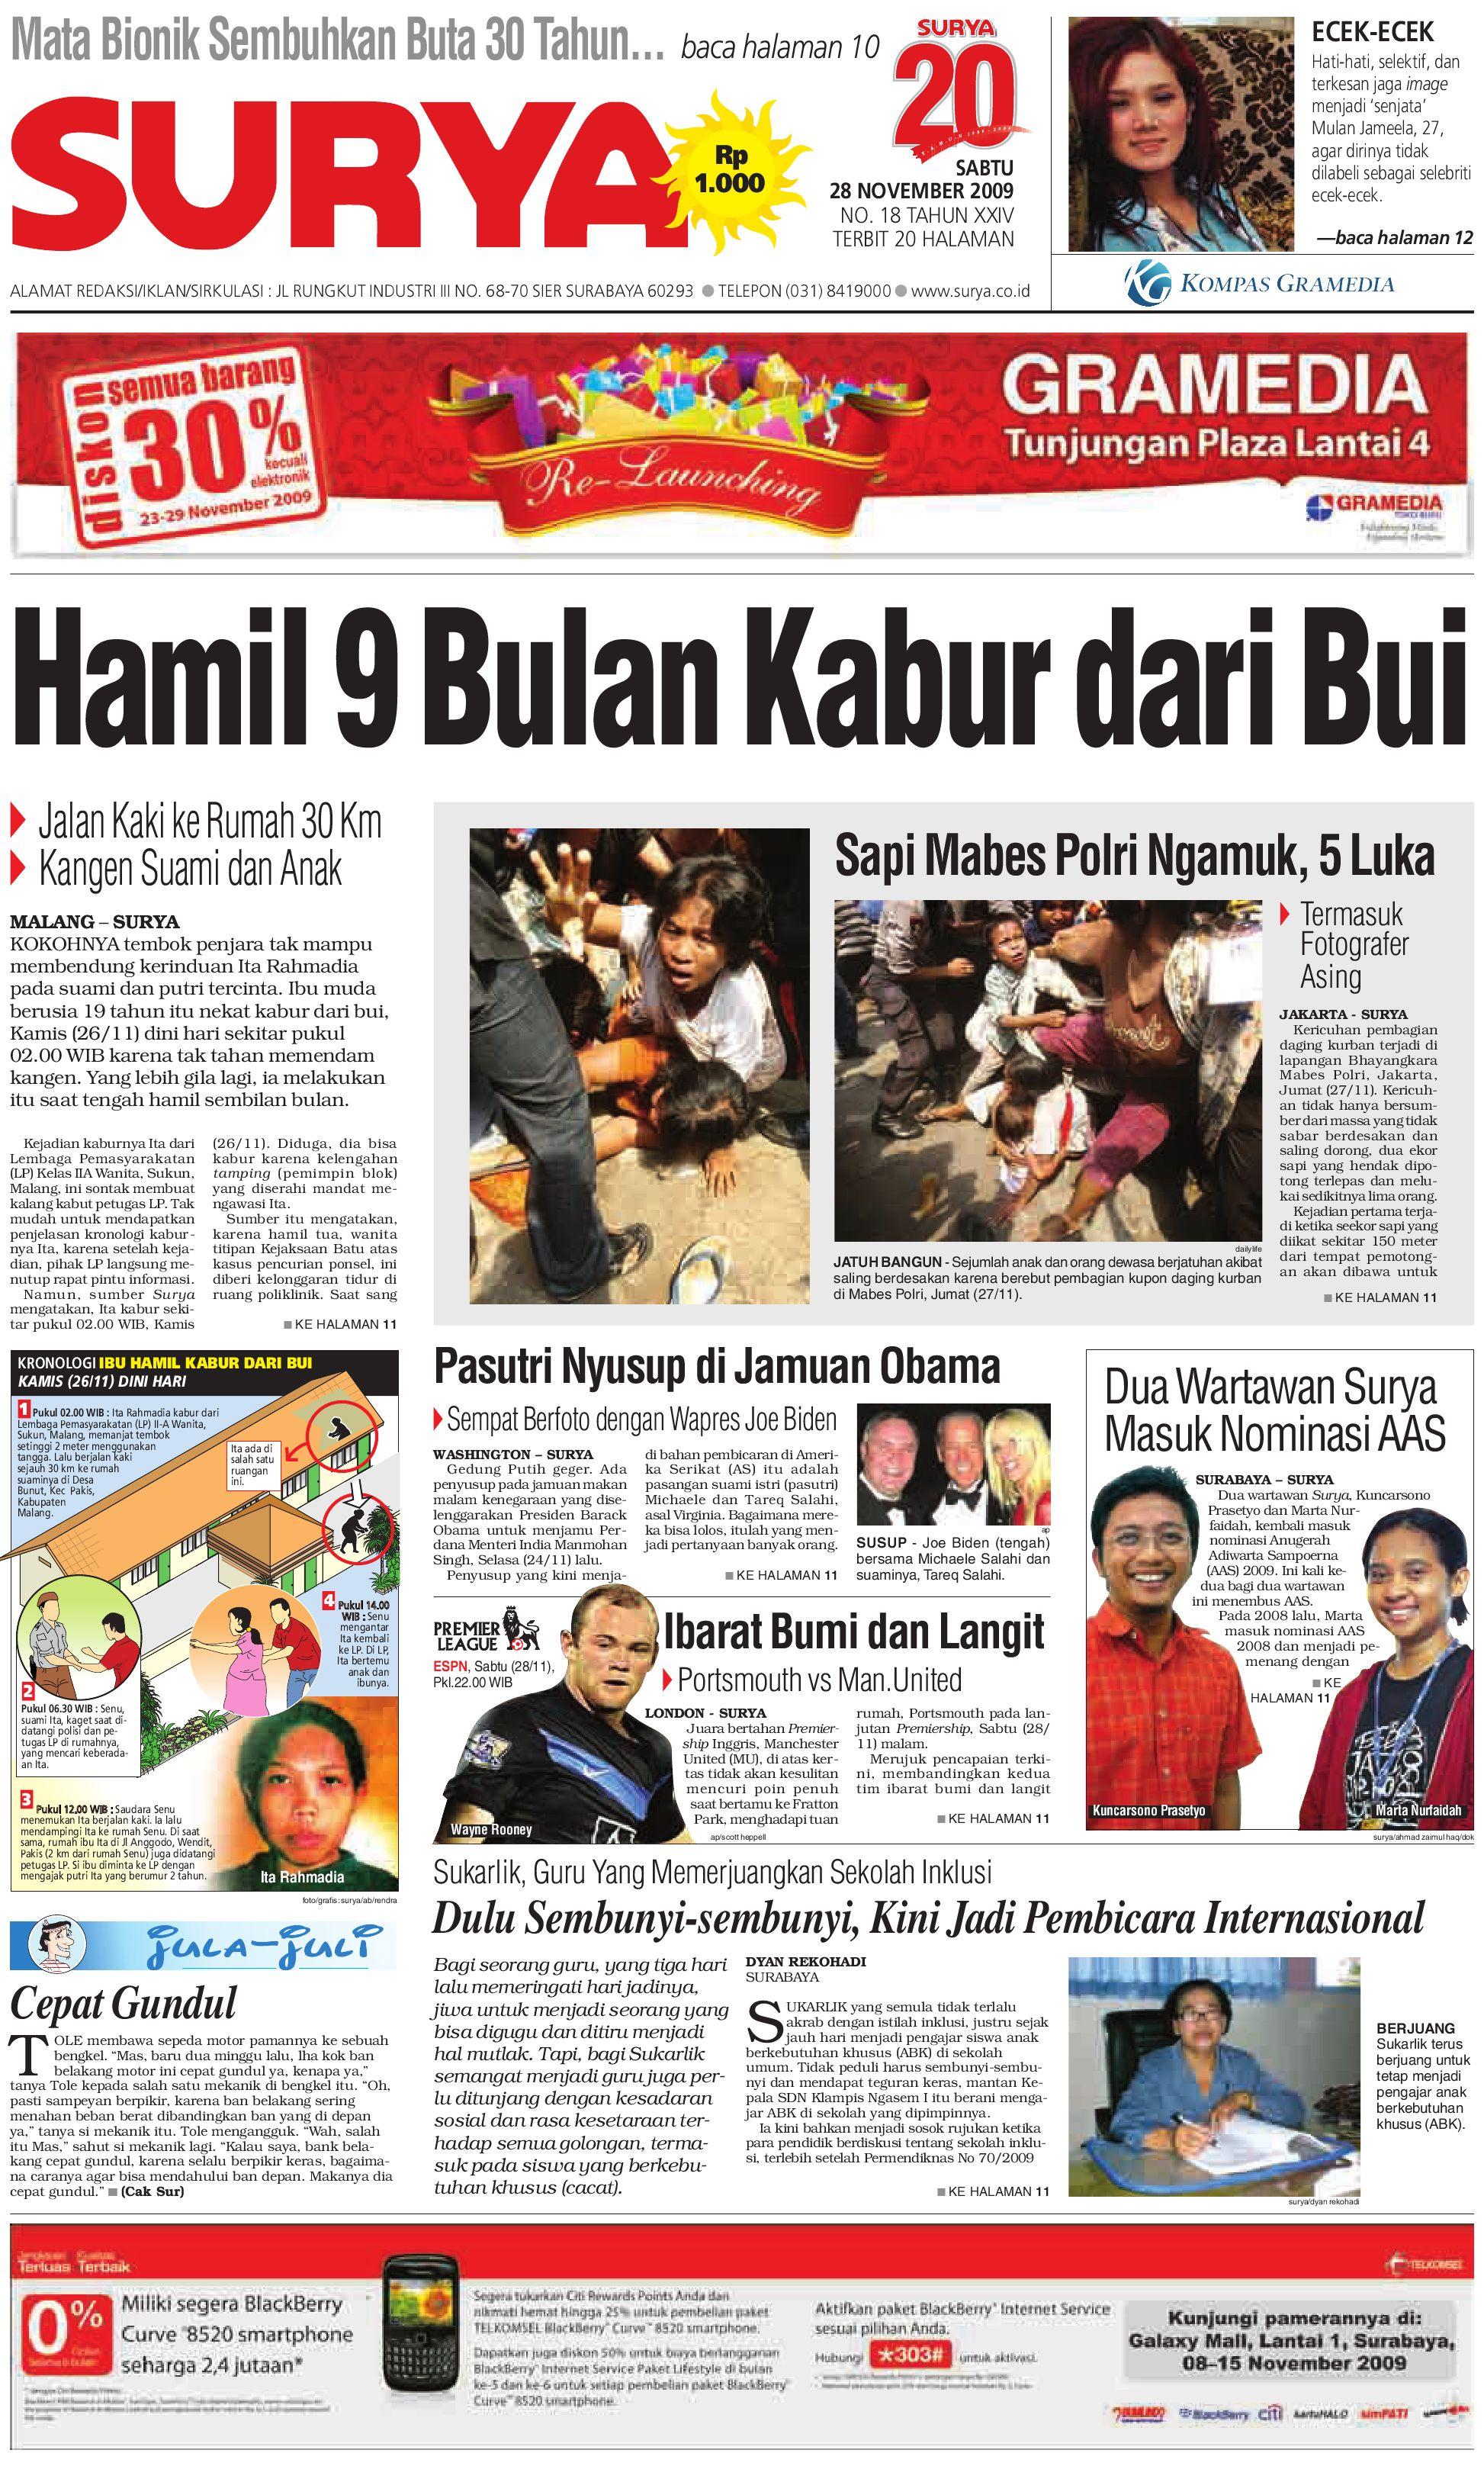 Surya Edisi Cetak 28 Nov 2009 By Harian Issuu Gendongan Bayi Depan Mbg 6201 Free Ongkir Jabodetabek